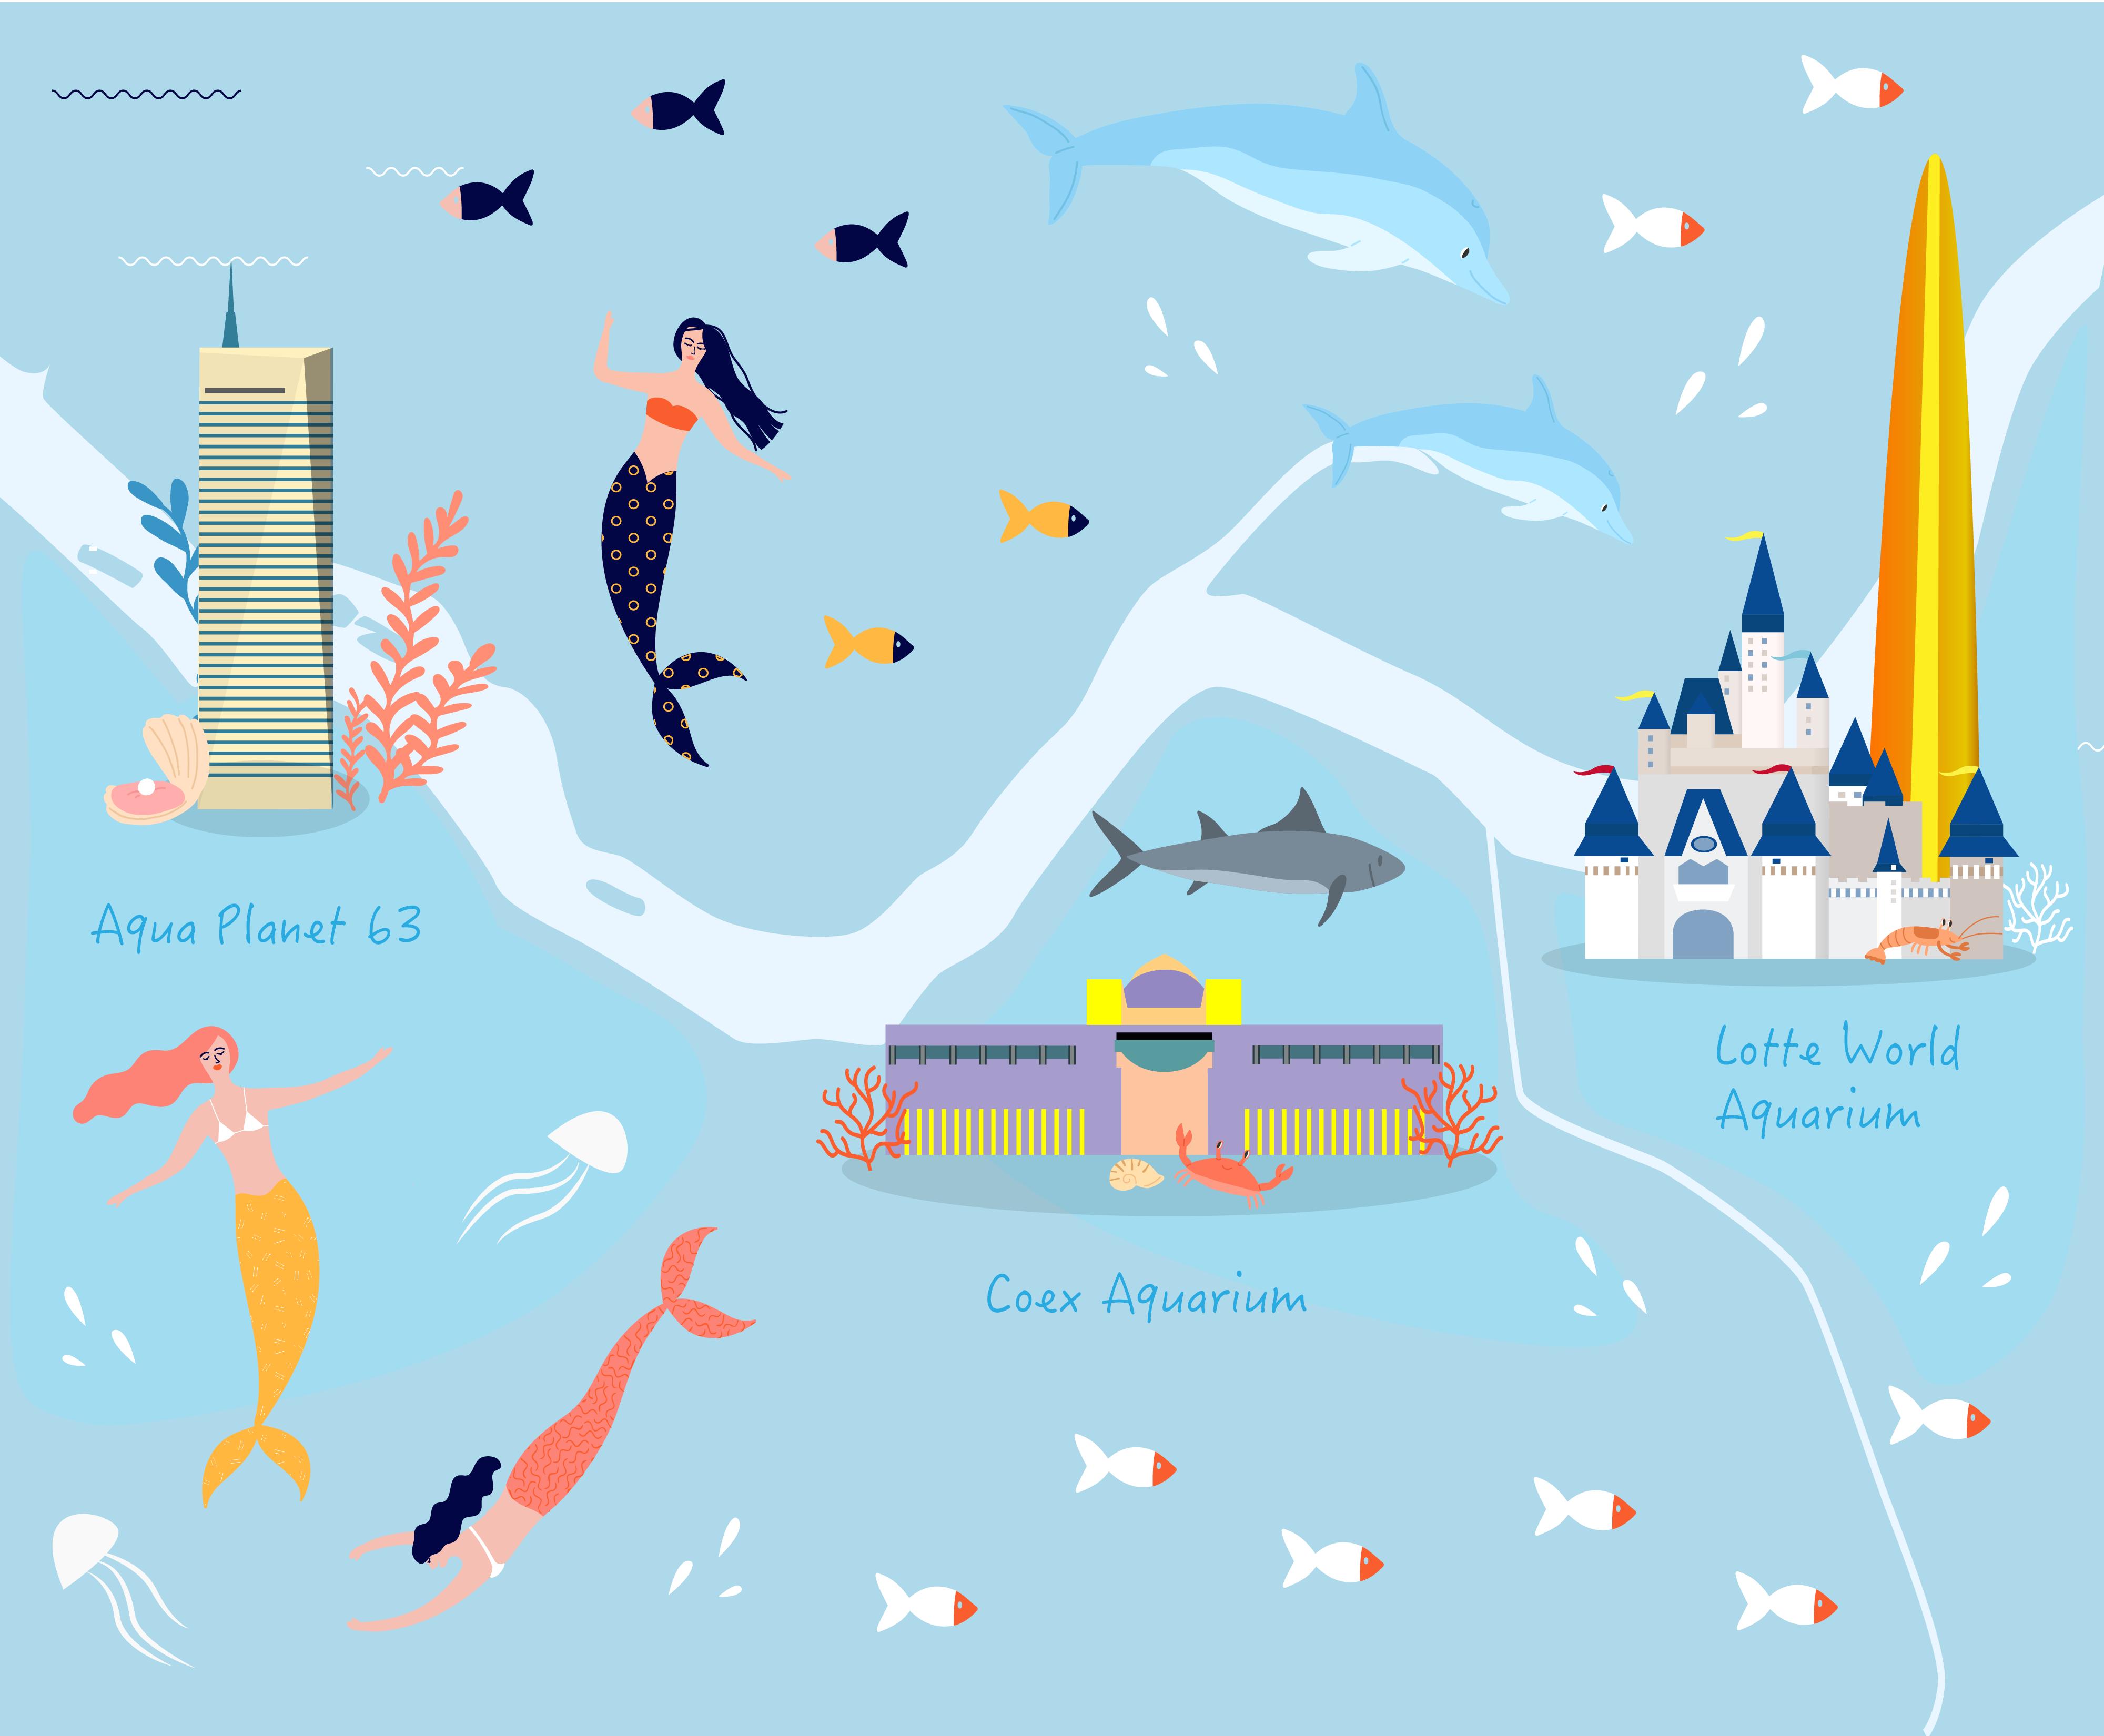 Голубая картинка, которая изображает карту Сеула. На картинке нарисованы русалки, рыбы и здания трех океанариумов, а посередине протекает река Хан